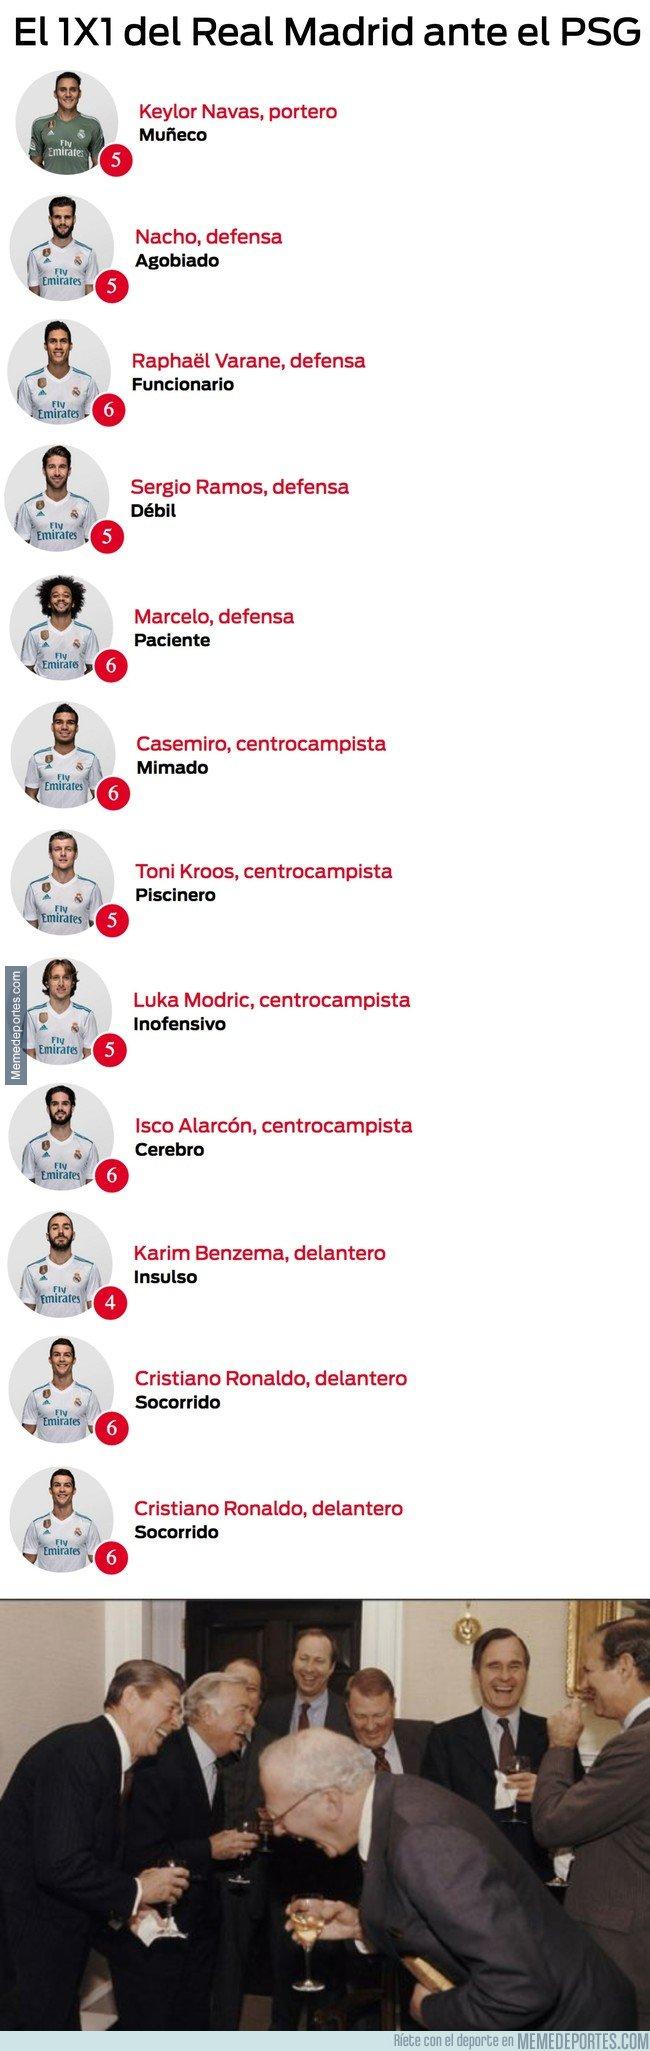 1021556 - Los adjetivos de Sport a los jugadores del Madrid tras el partido de ayer son de risa, parece que hayan perdido la liga